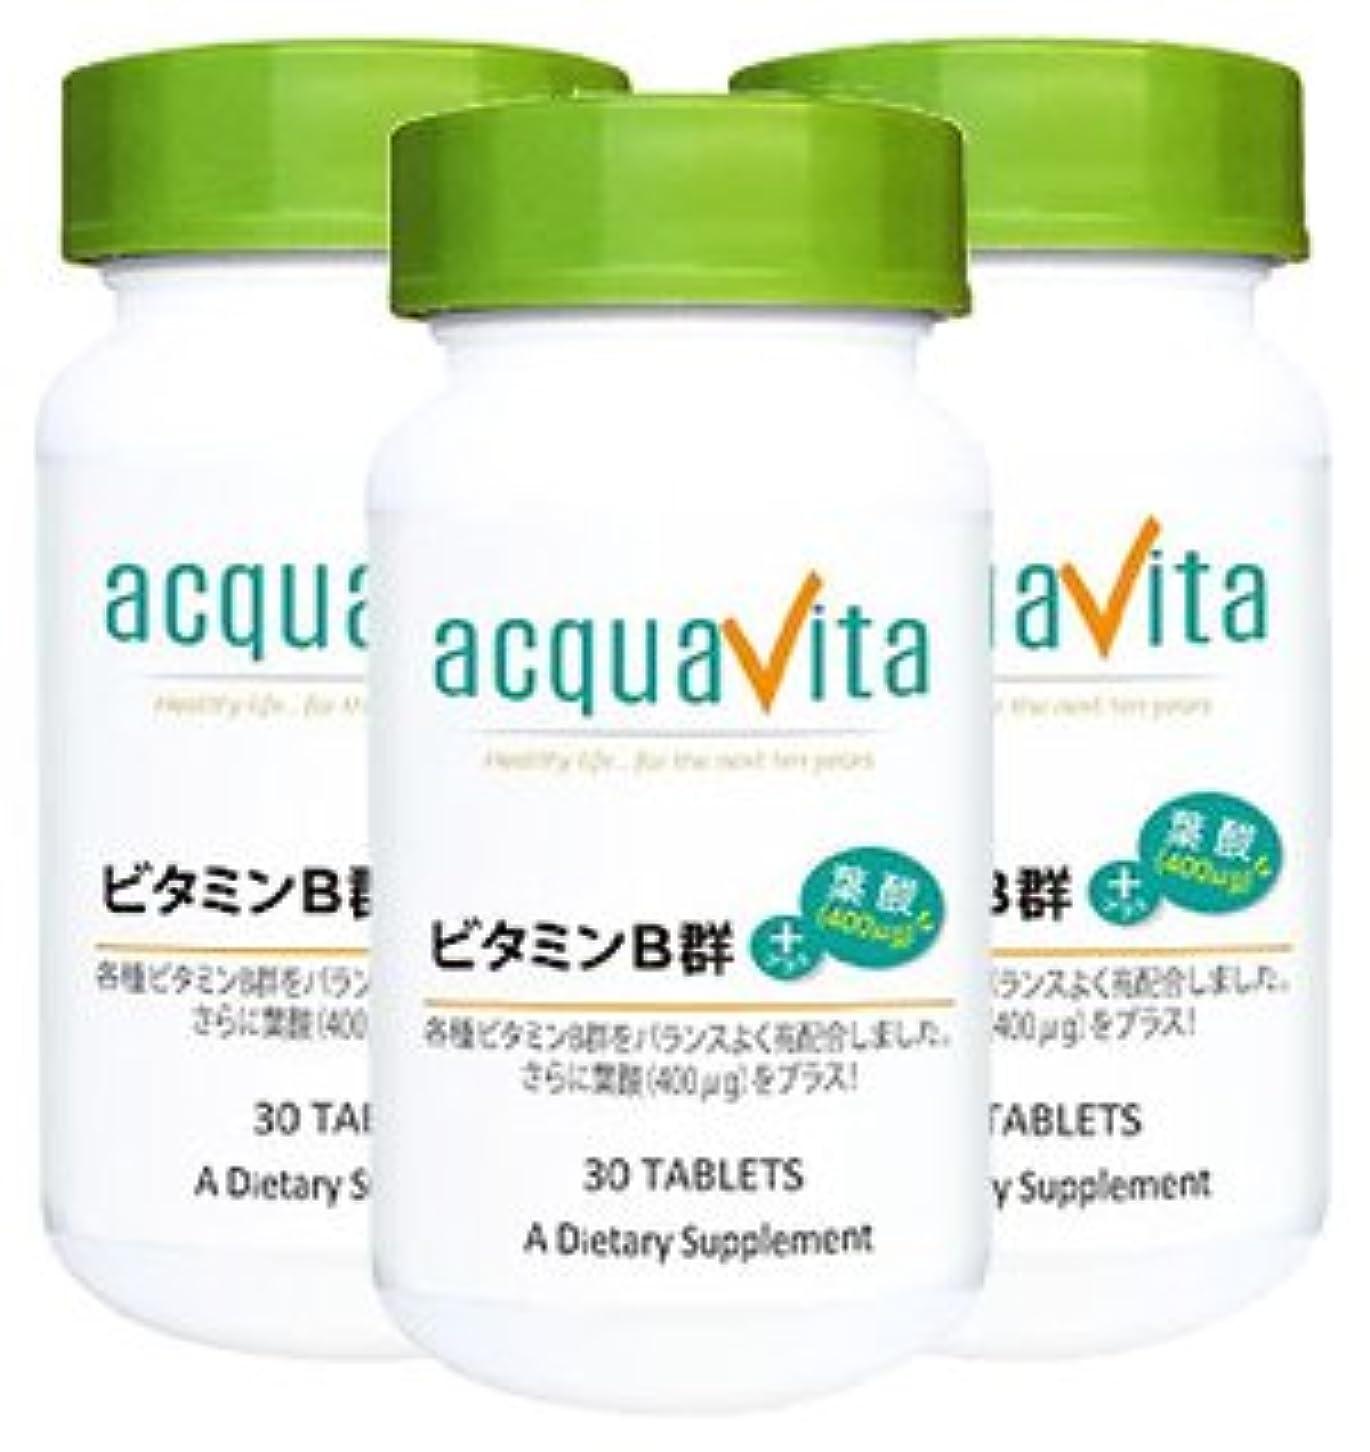 暗いメイド珍味アクアヴィータ ビタミンB群100&葉酸400μg(アクアビータ?Acquavita)【3本セット】